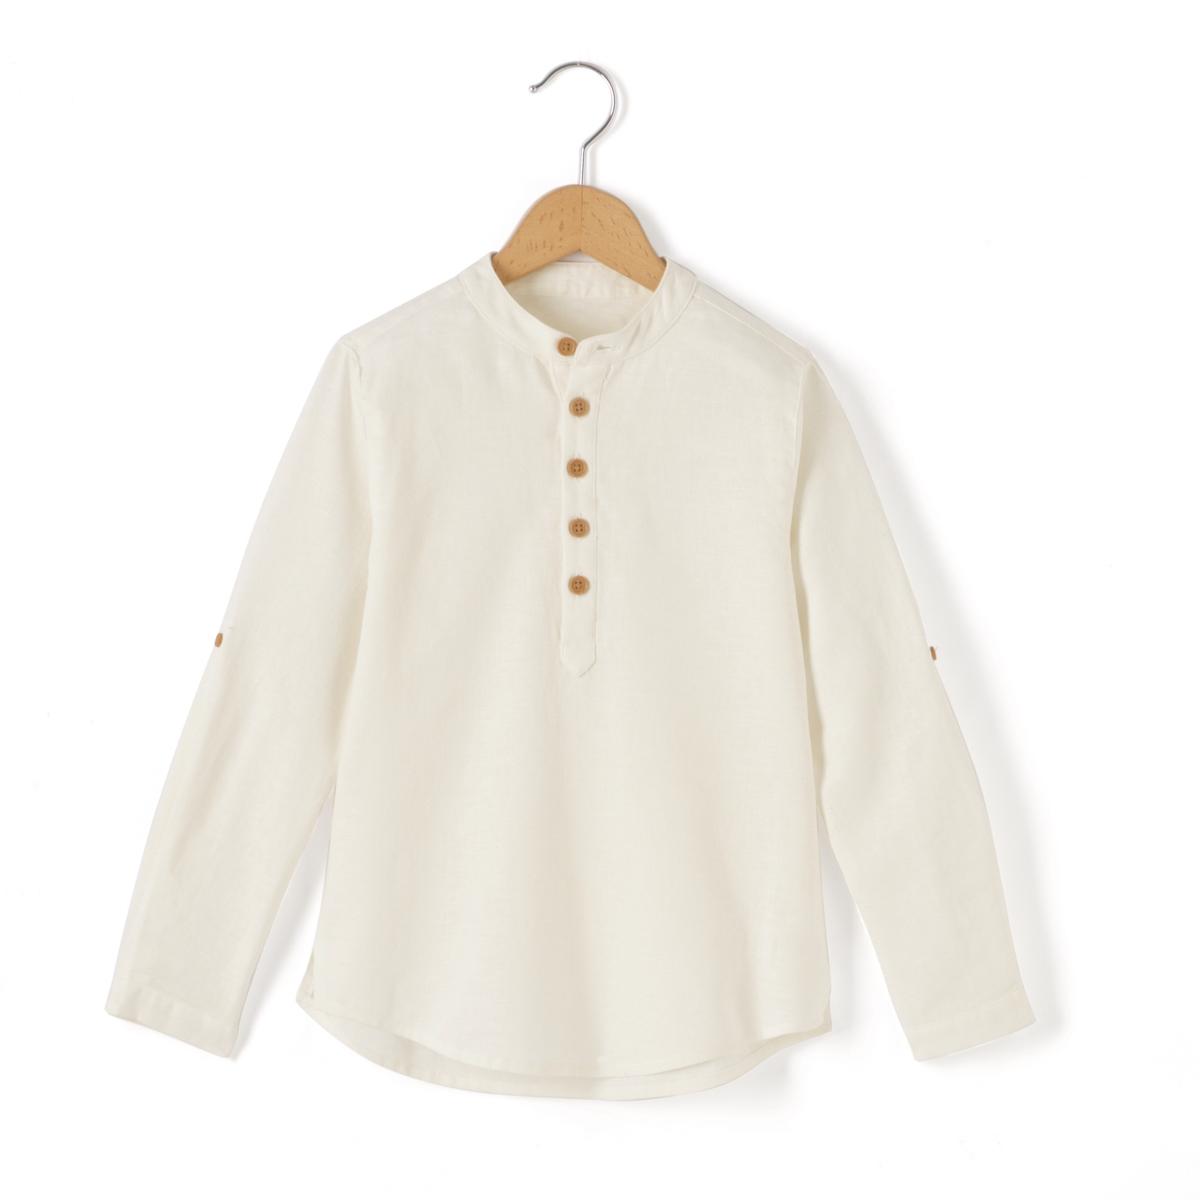 Рубашка из хлопка и льна, 3-12 лет